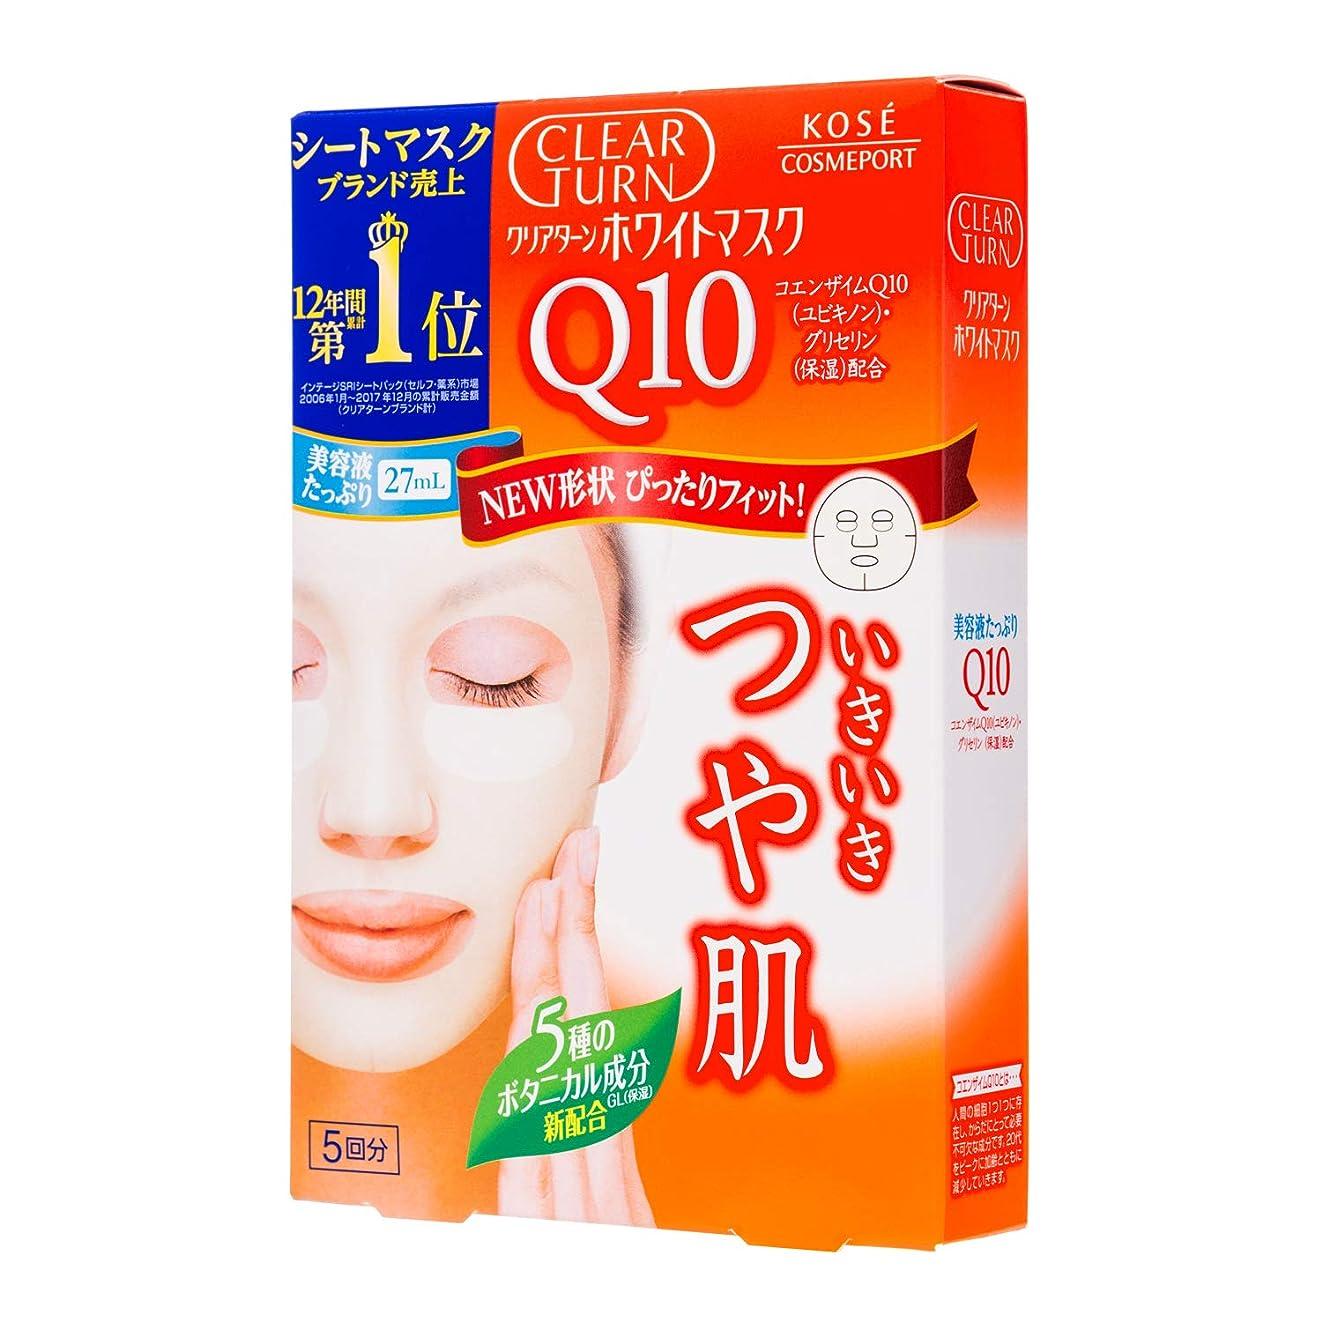 回復する下線時折クリアターン ホワイト マスク Q10 c (コエンザイムQ10) 5回分